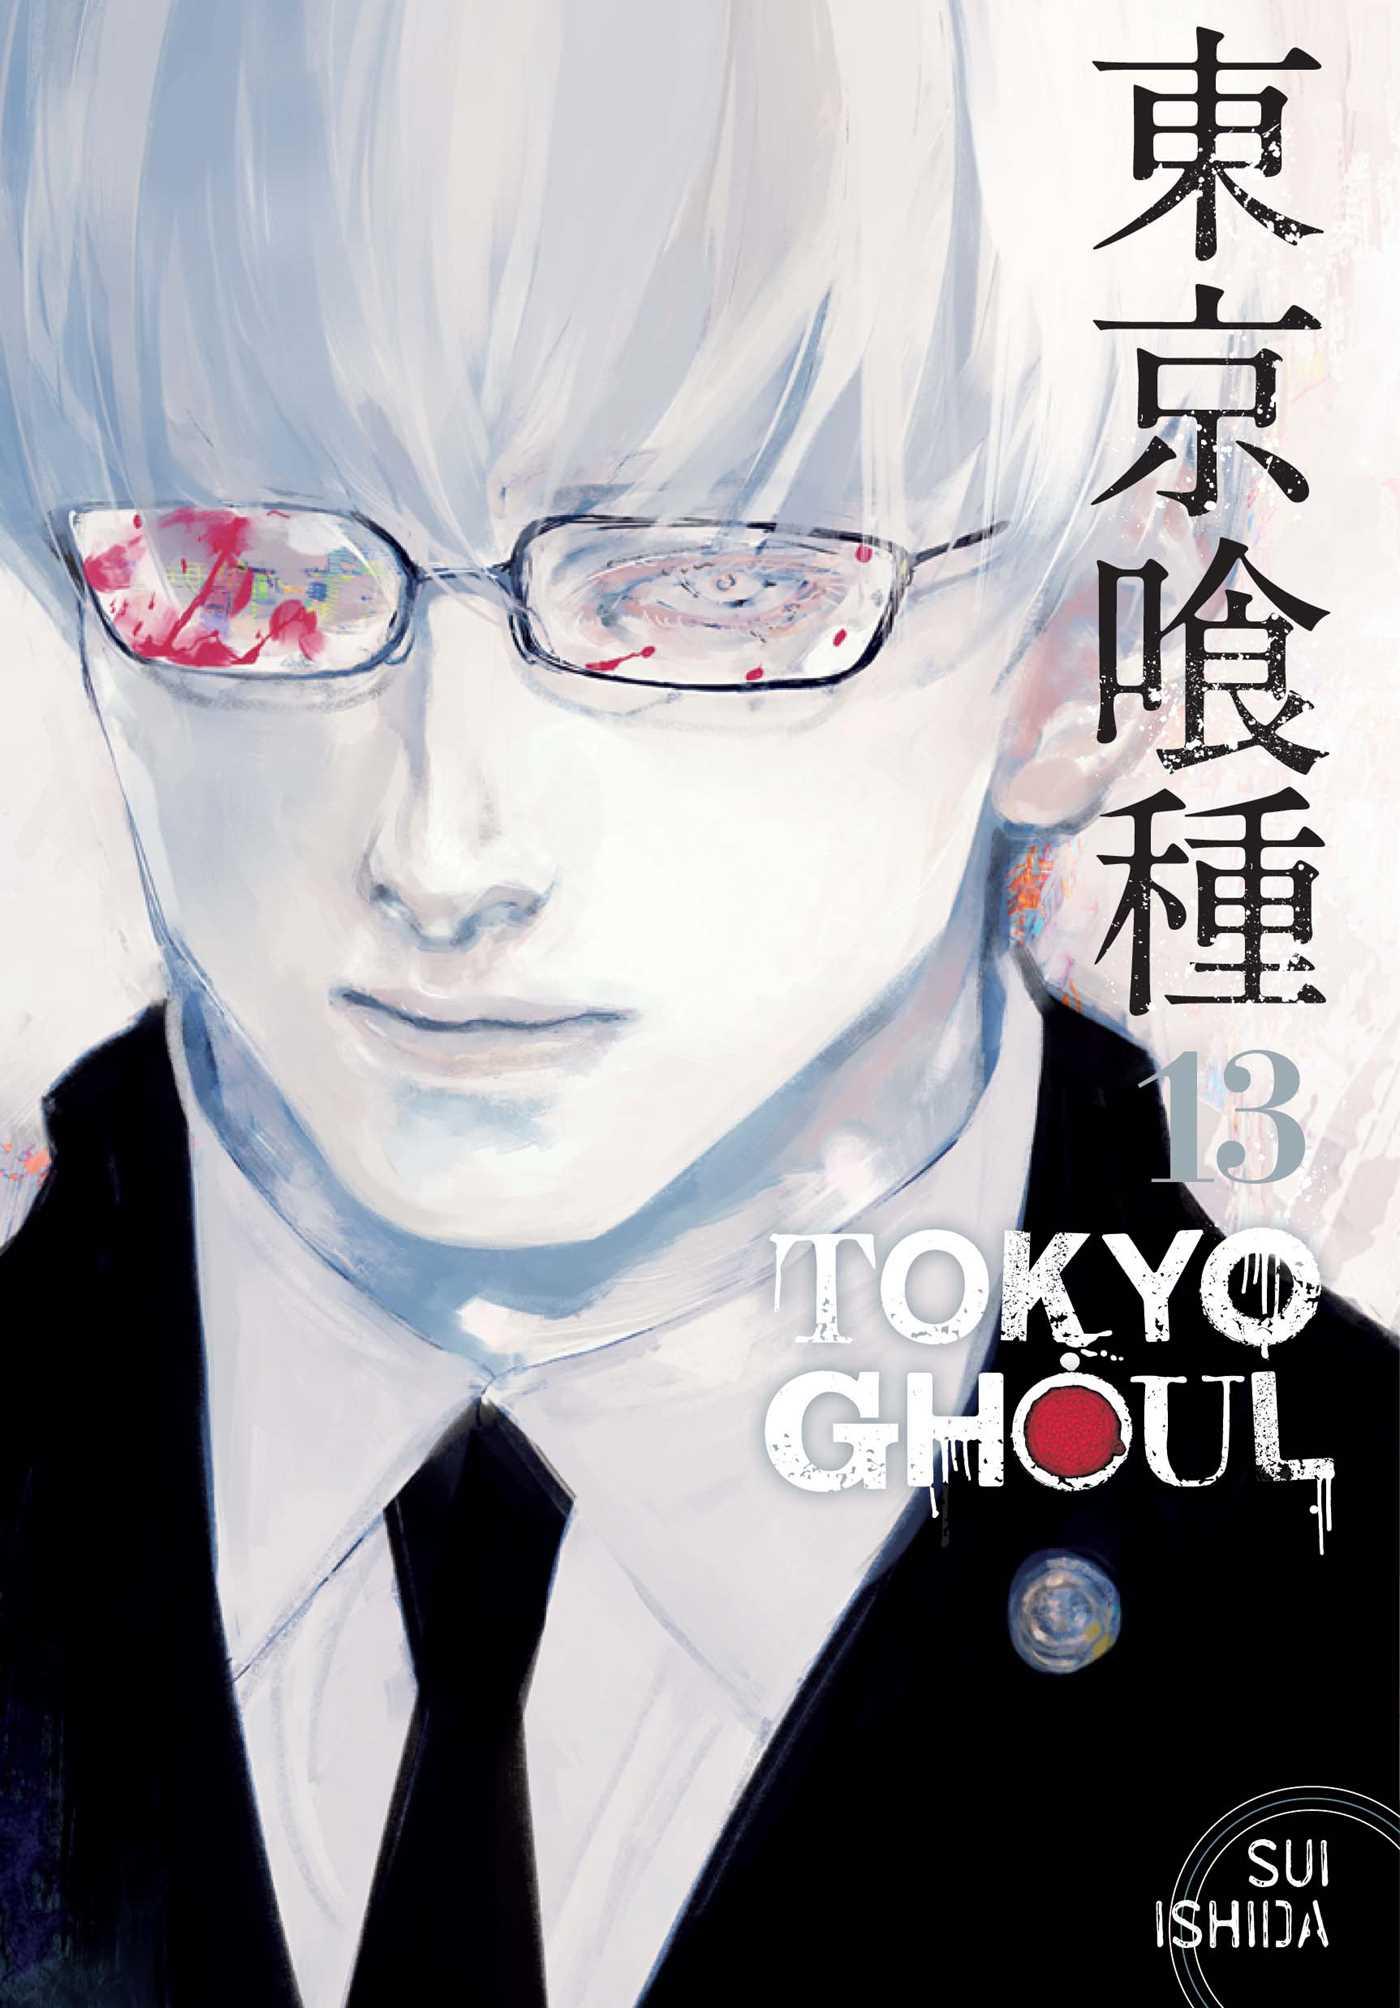 Tokyo Ghoul Manga Volume 13